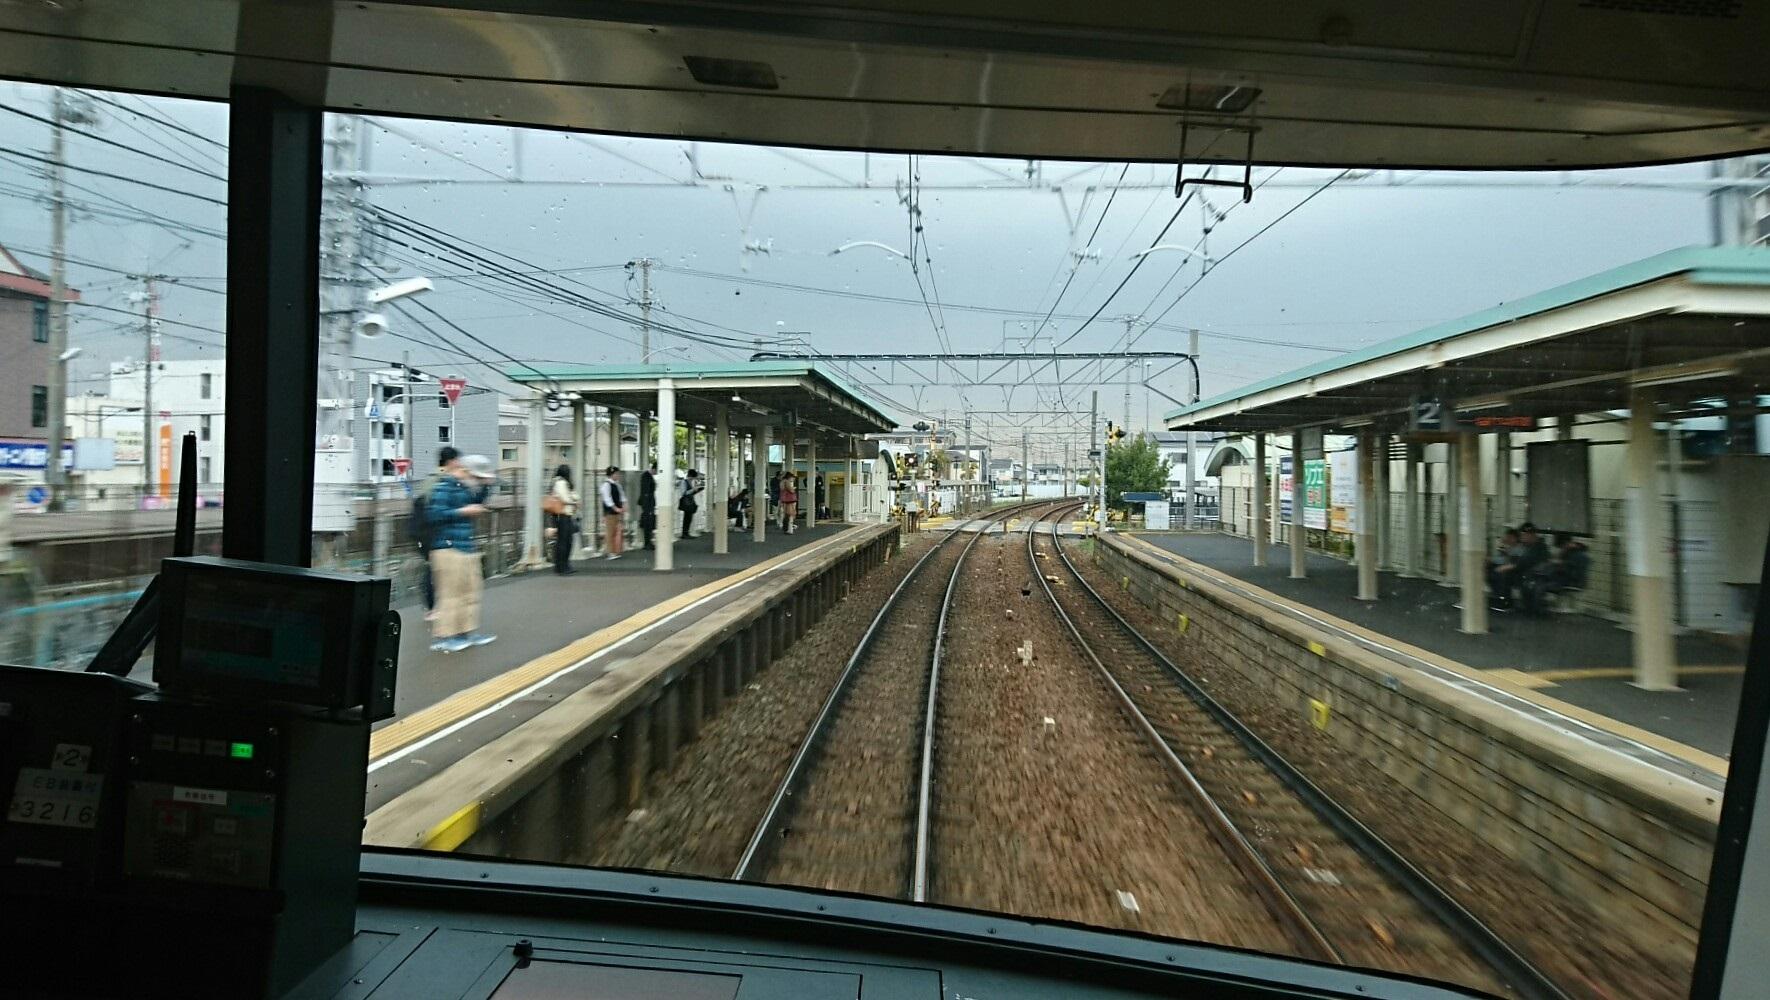 2018.4.11 名古屋 (2) 須ヶ口いき特急 - 一ツ木 1770-1000